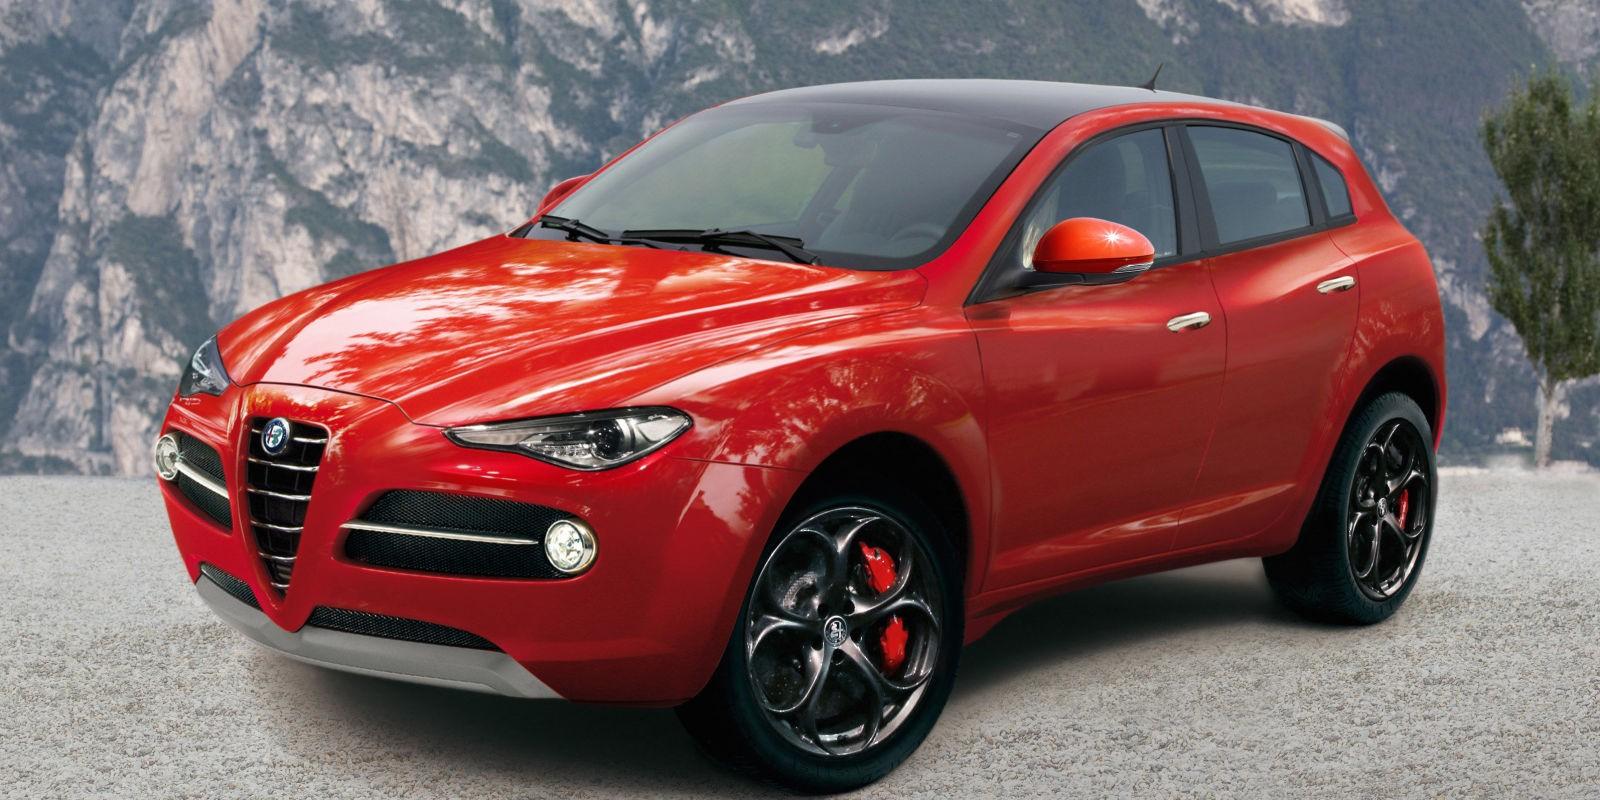 Alfa Romeo покажет кроссовер Stelvio в Лос-Анджелесе